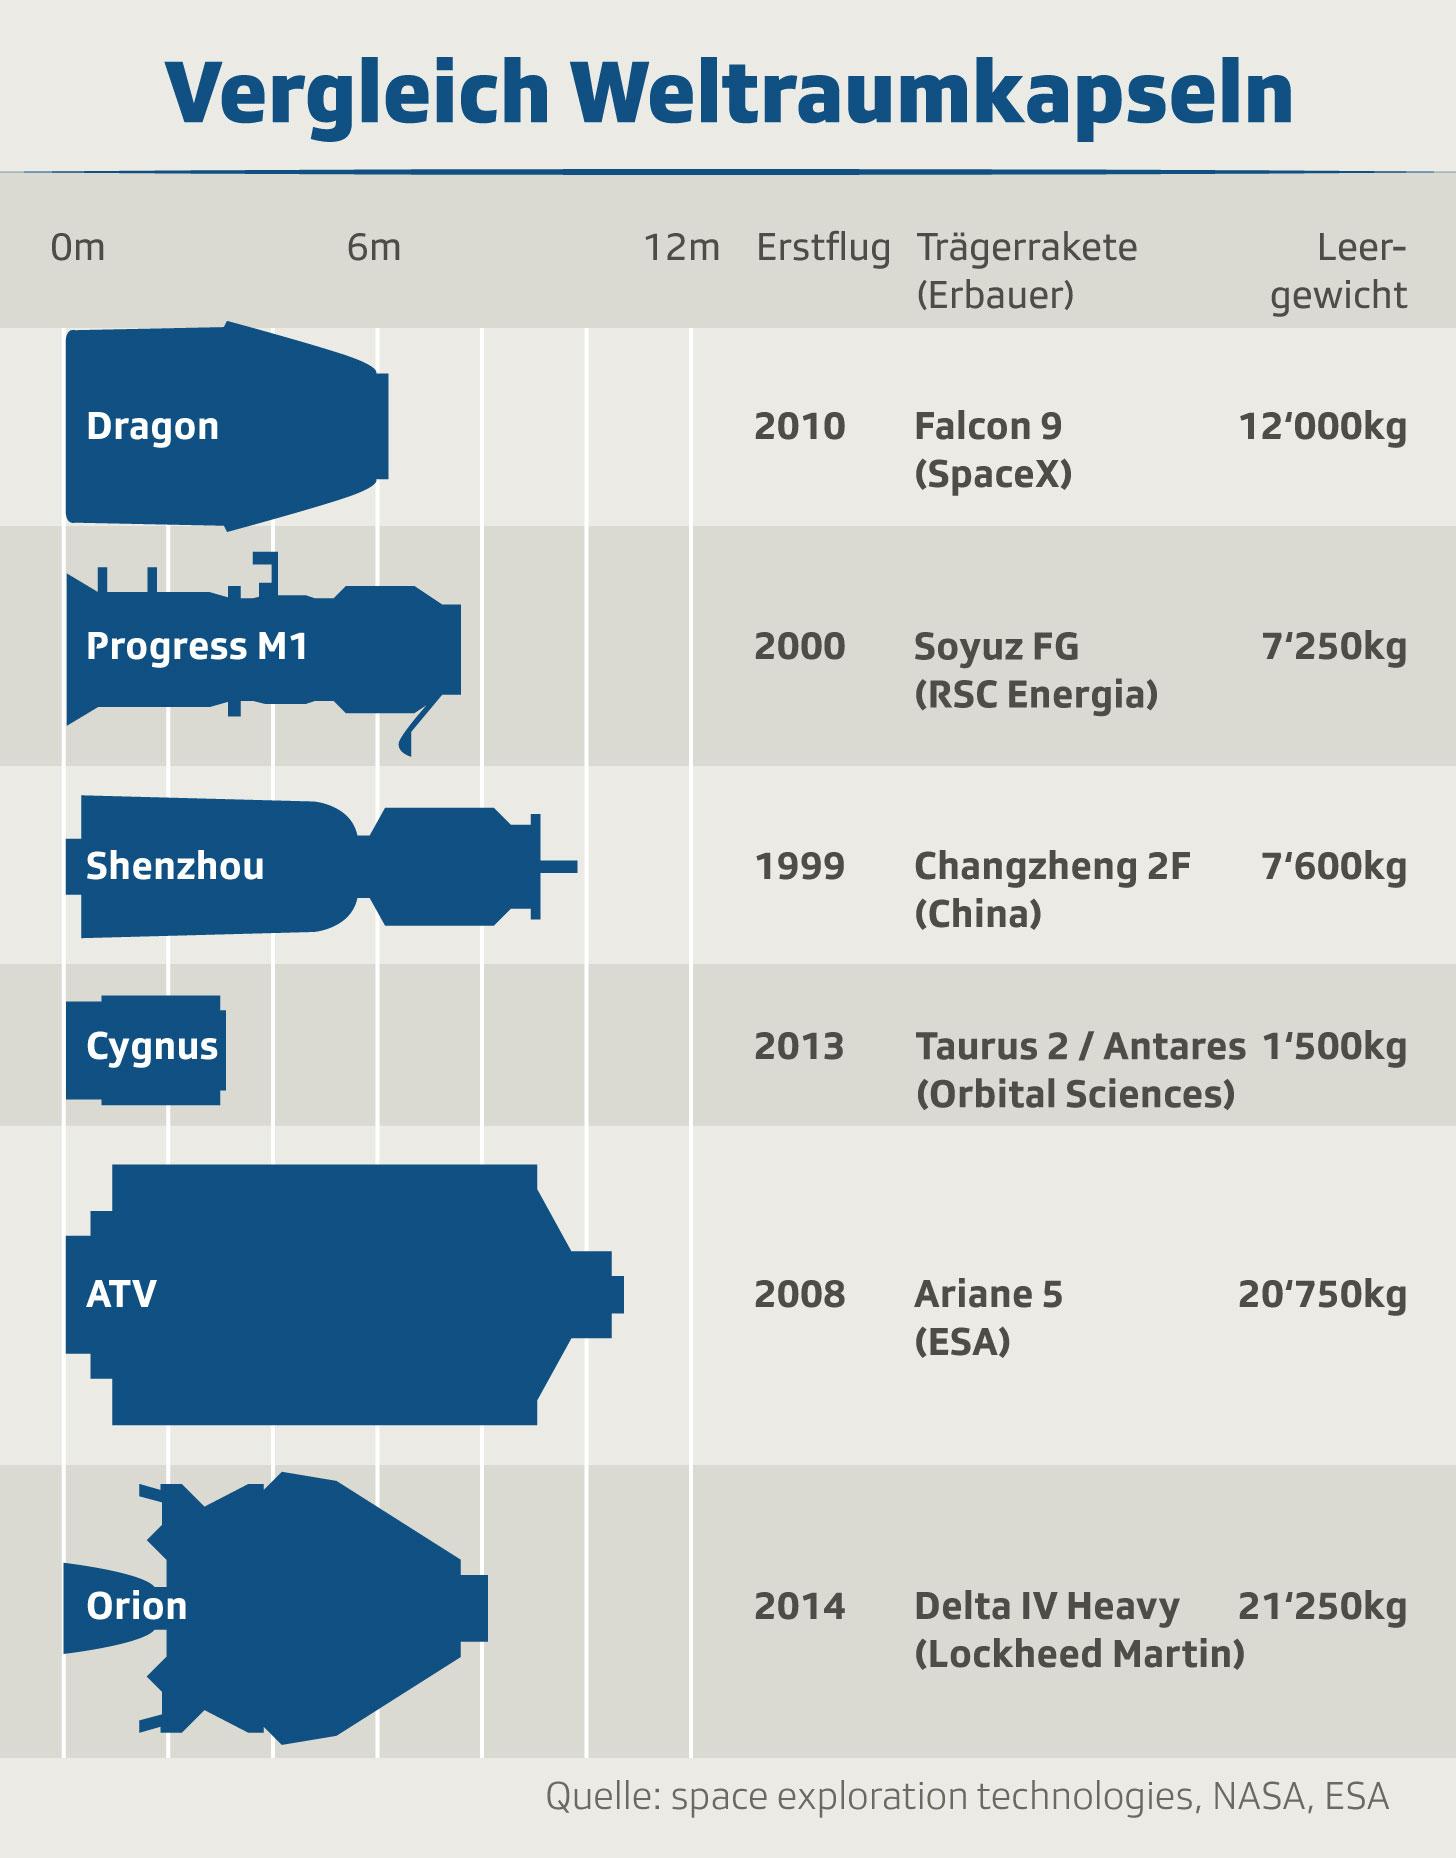 Grafik zeigt Informationen zur Migros-Klubschule